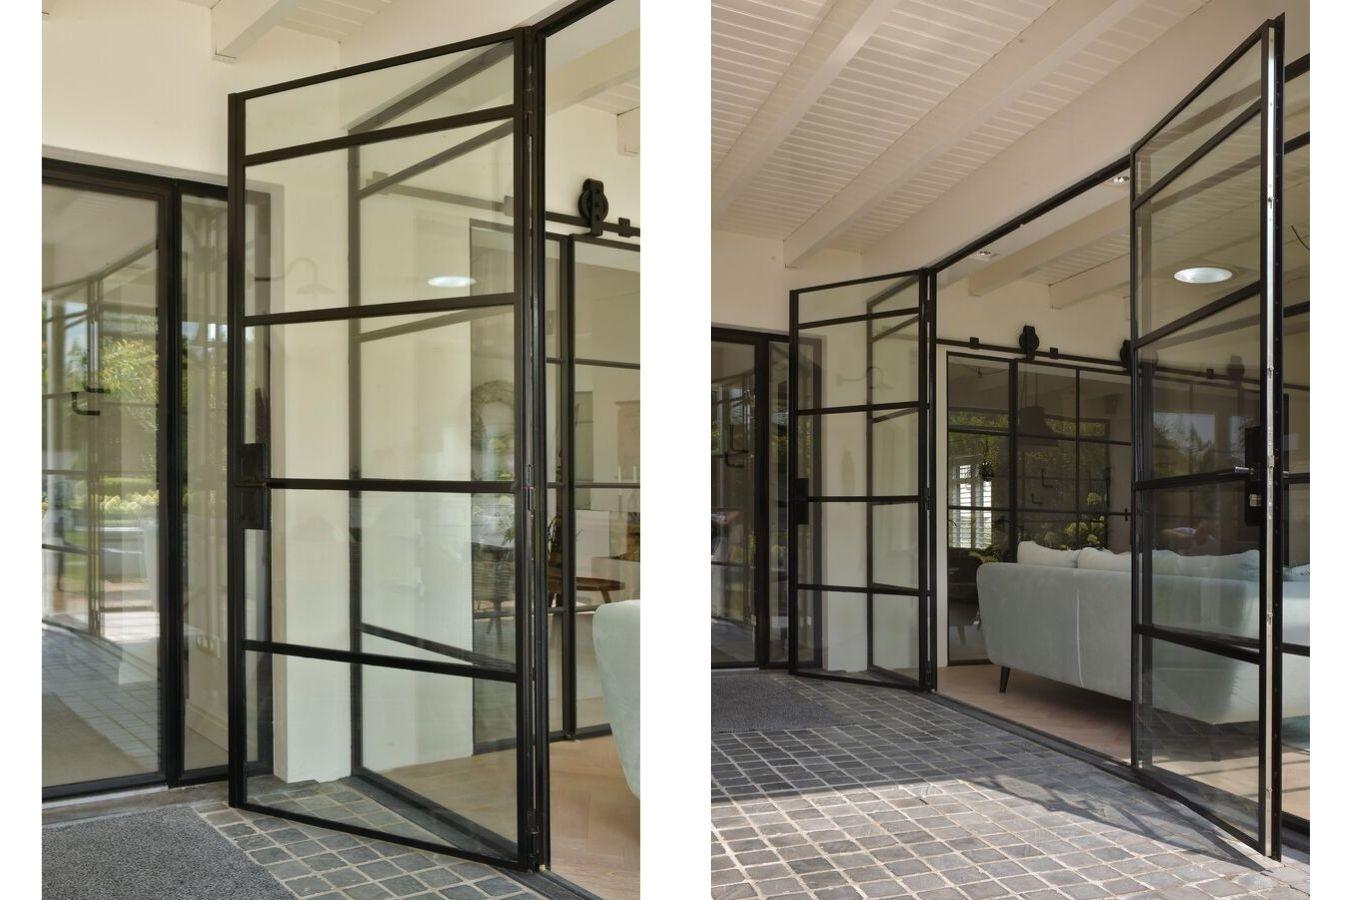 Stalen buitendeuren in showroom StalenDeurenHuys - realisatie StalenDeurenHuys - specialist in stalen binnen- en buitendeuren